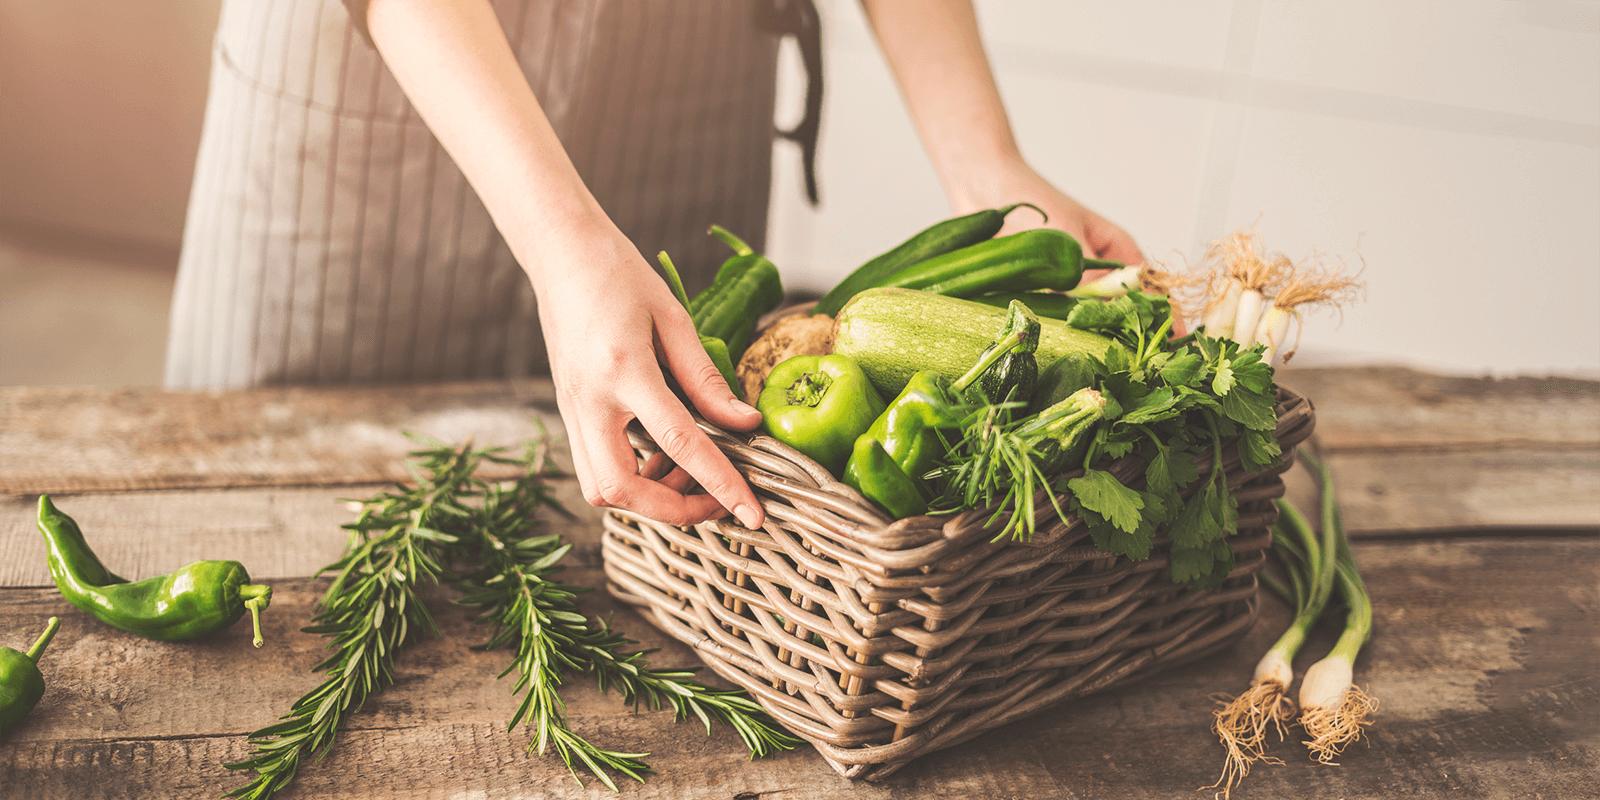 Hands holding a basket of green vegetables.